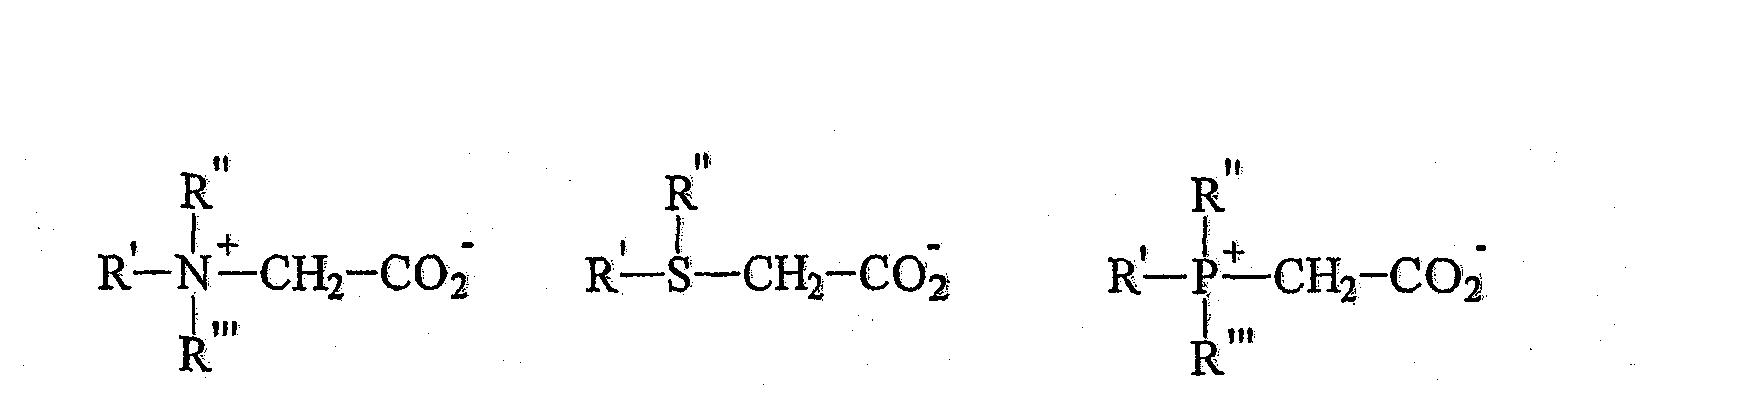 Figure CN1909808BD00311